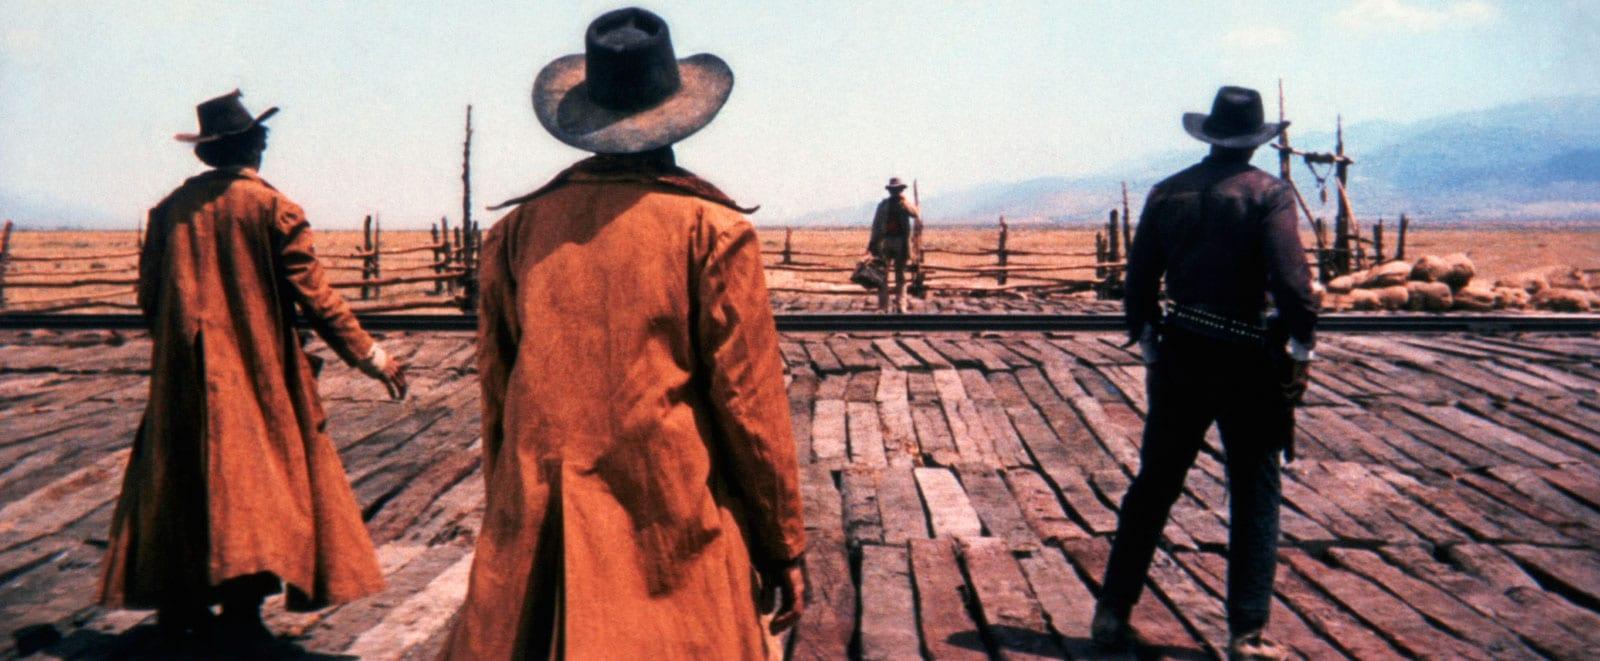 spaghetti western